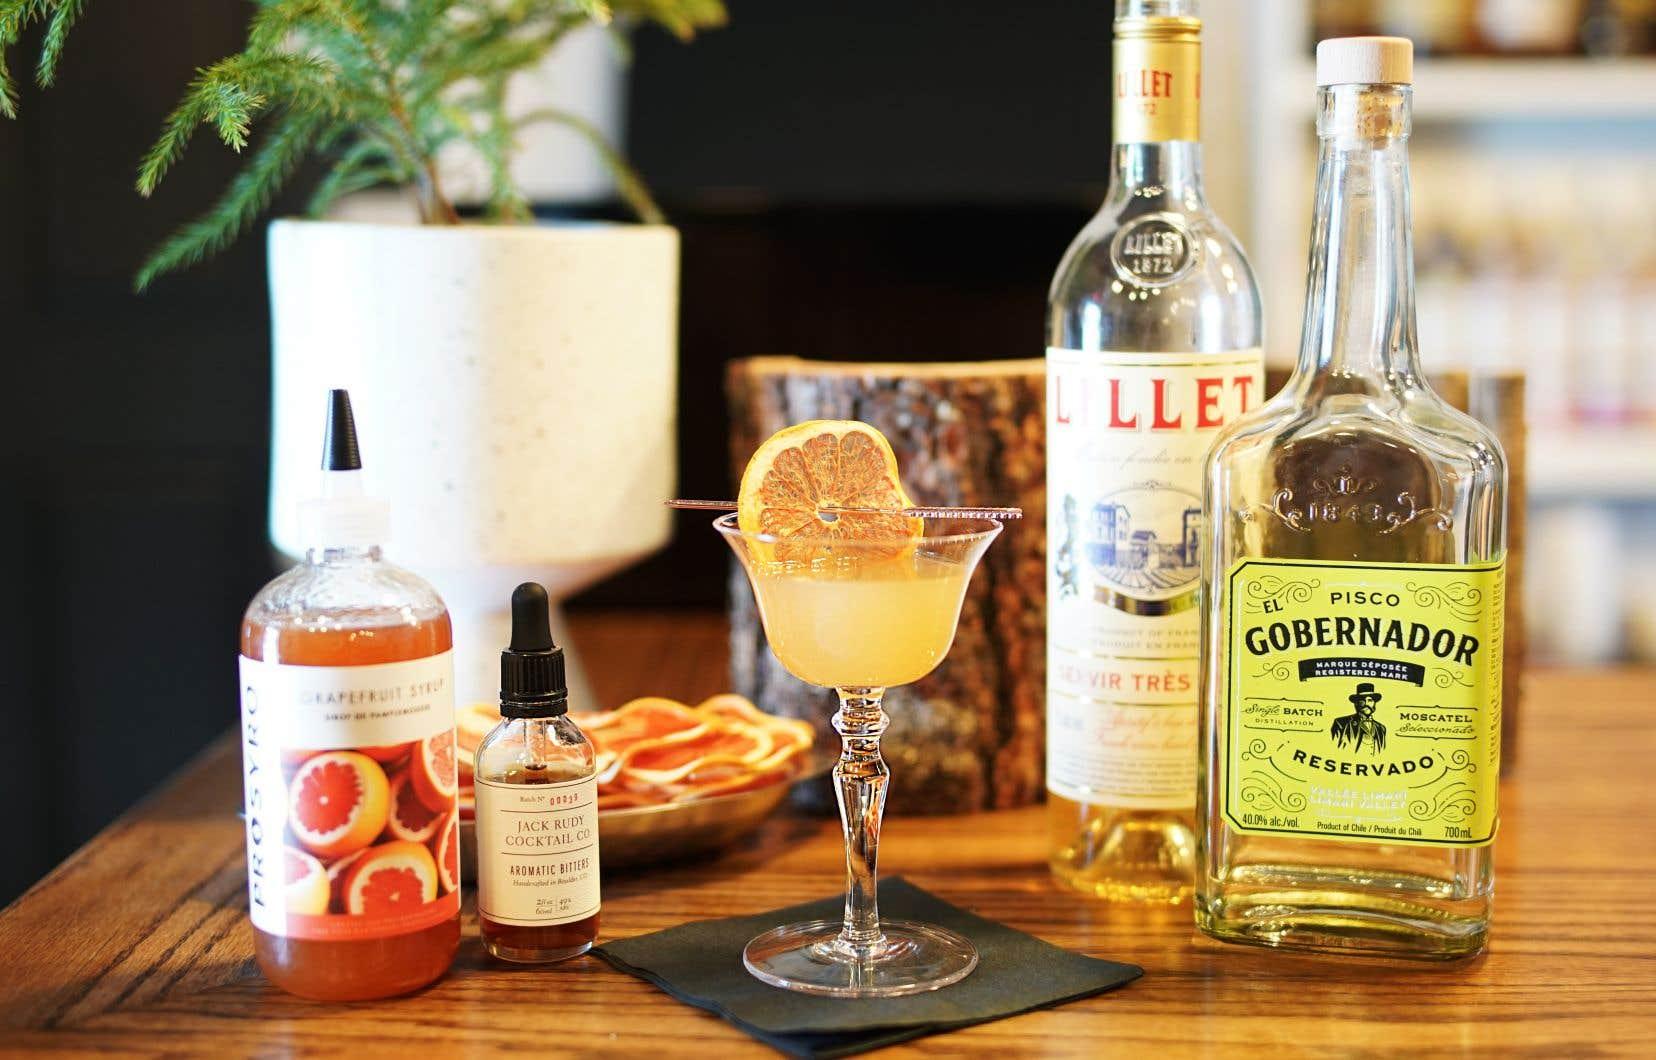 L'idée de ce cocktail est de digérer les excès et de débuter l'année avec légèreté.